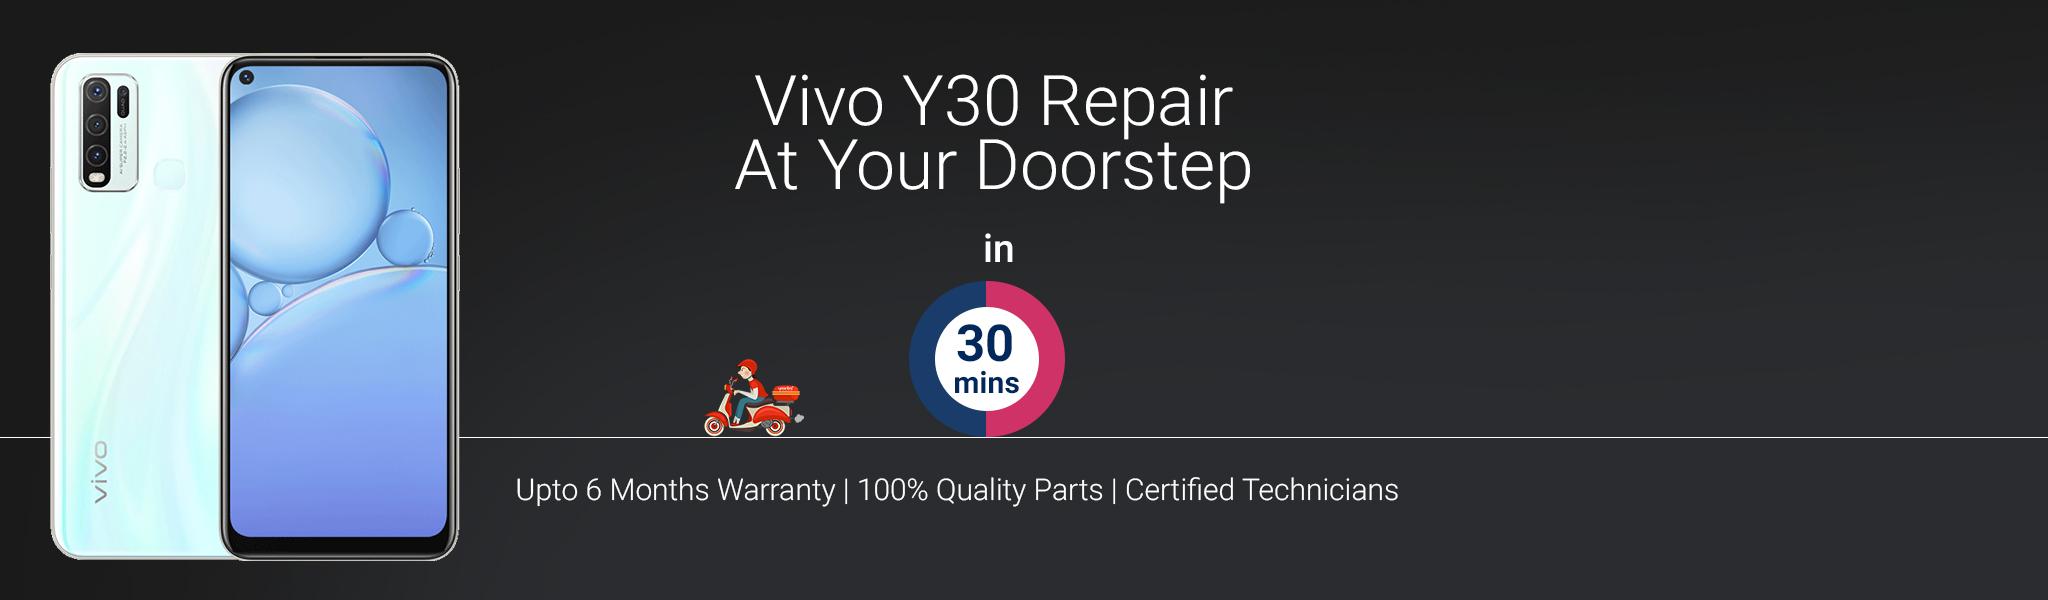 vivo-y30-repair.jpg